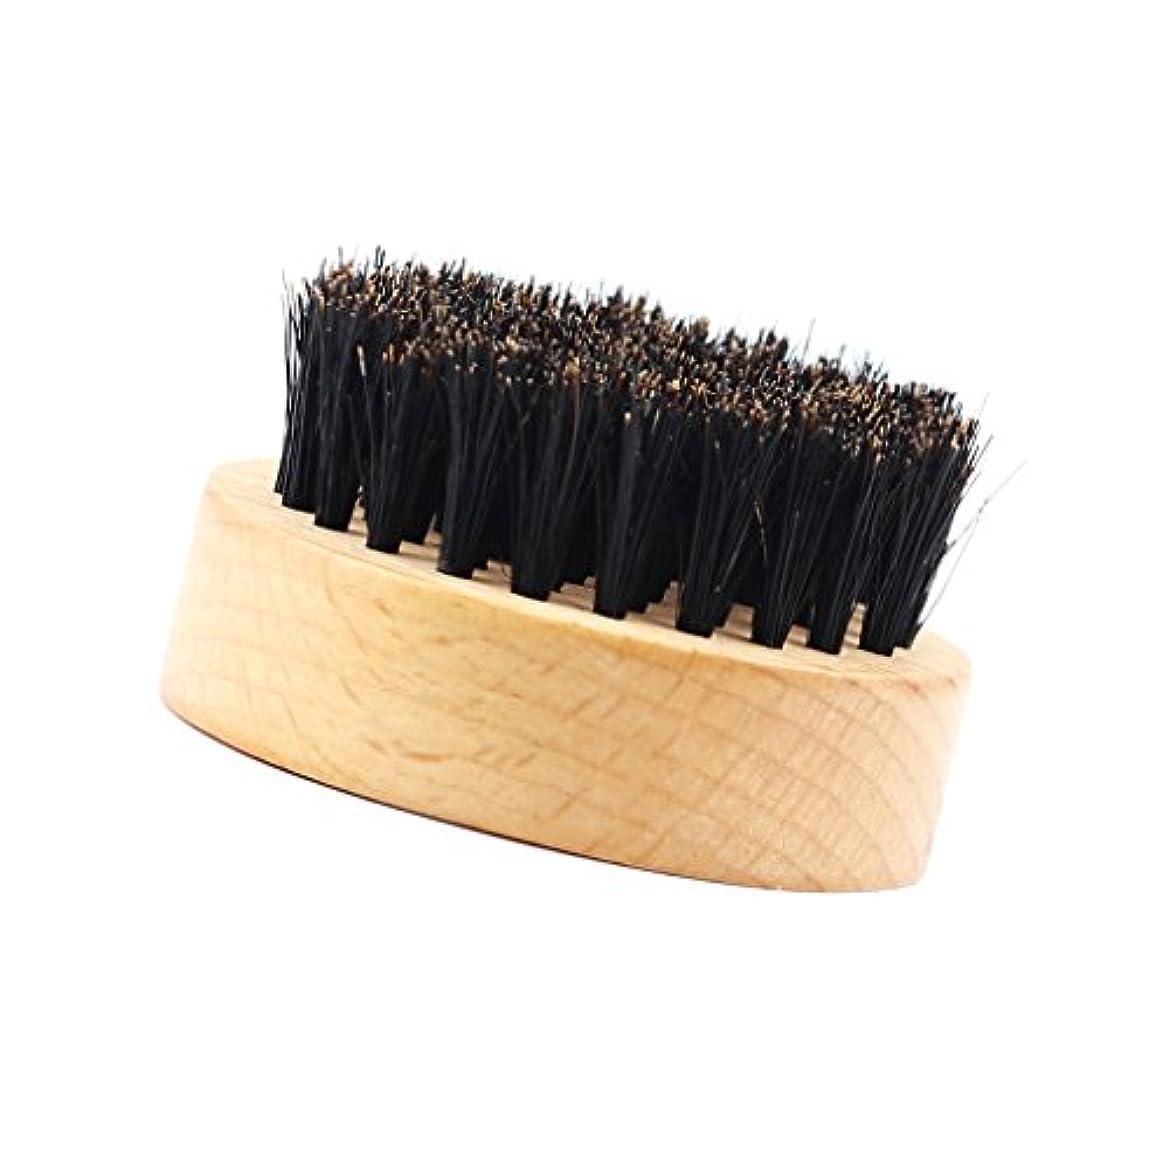 船アーサーコナンドイル無視する髭ブラシ ひげ剃り 豚毛 天然木ハンドル 口ひげケア 2タイプ選べる - #2